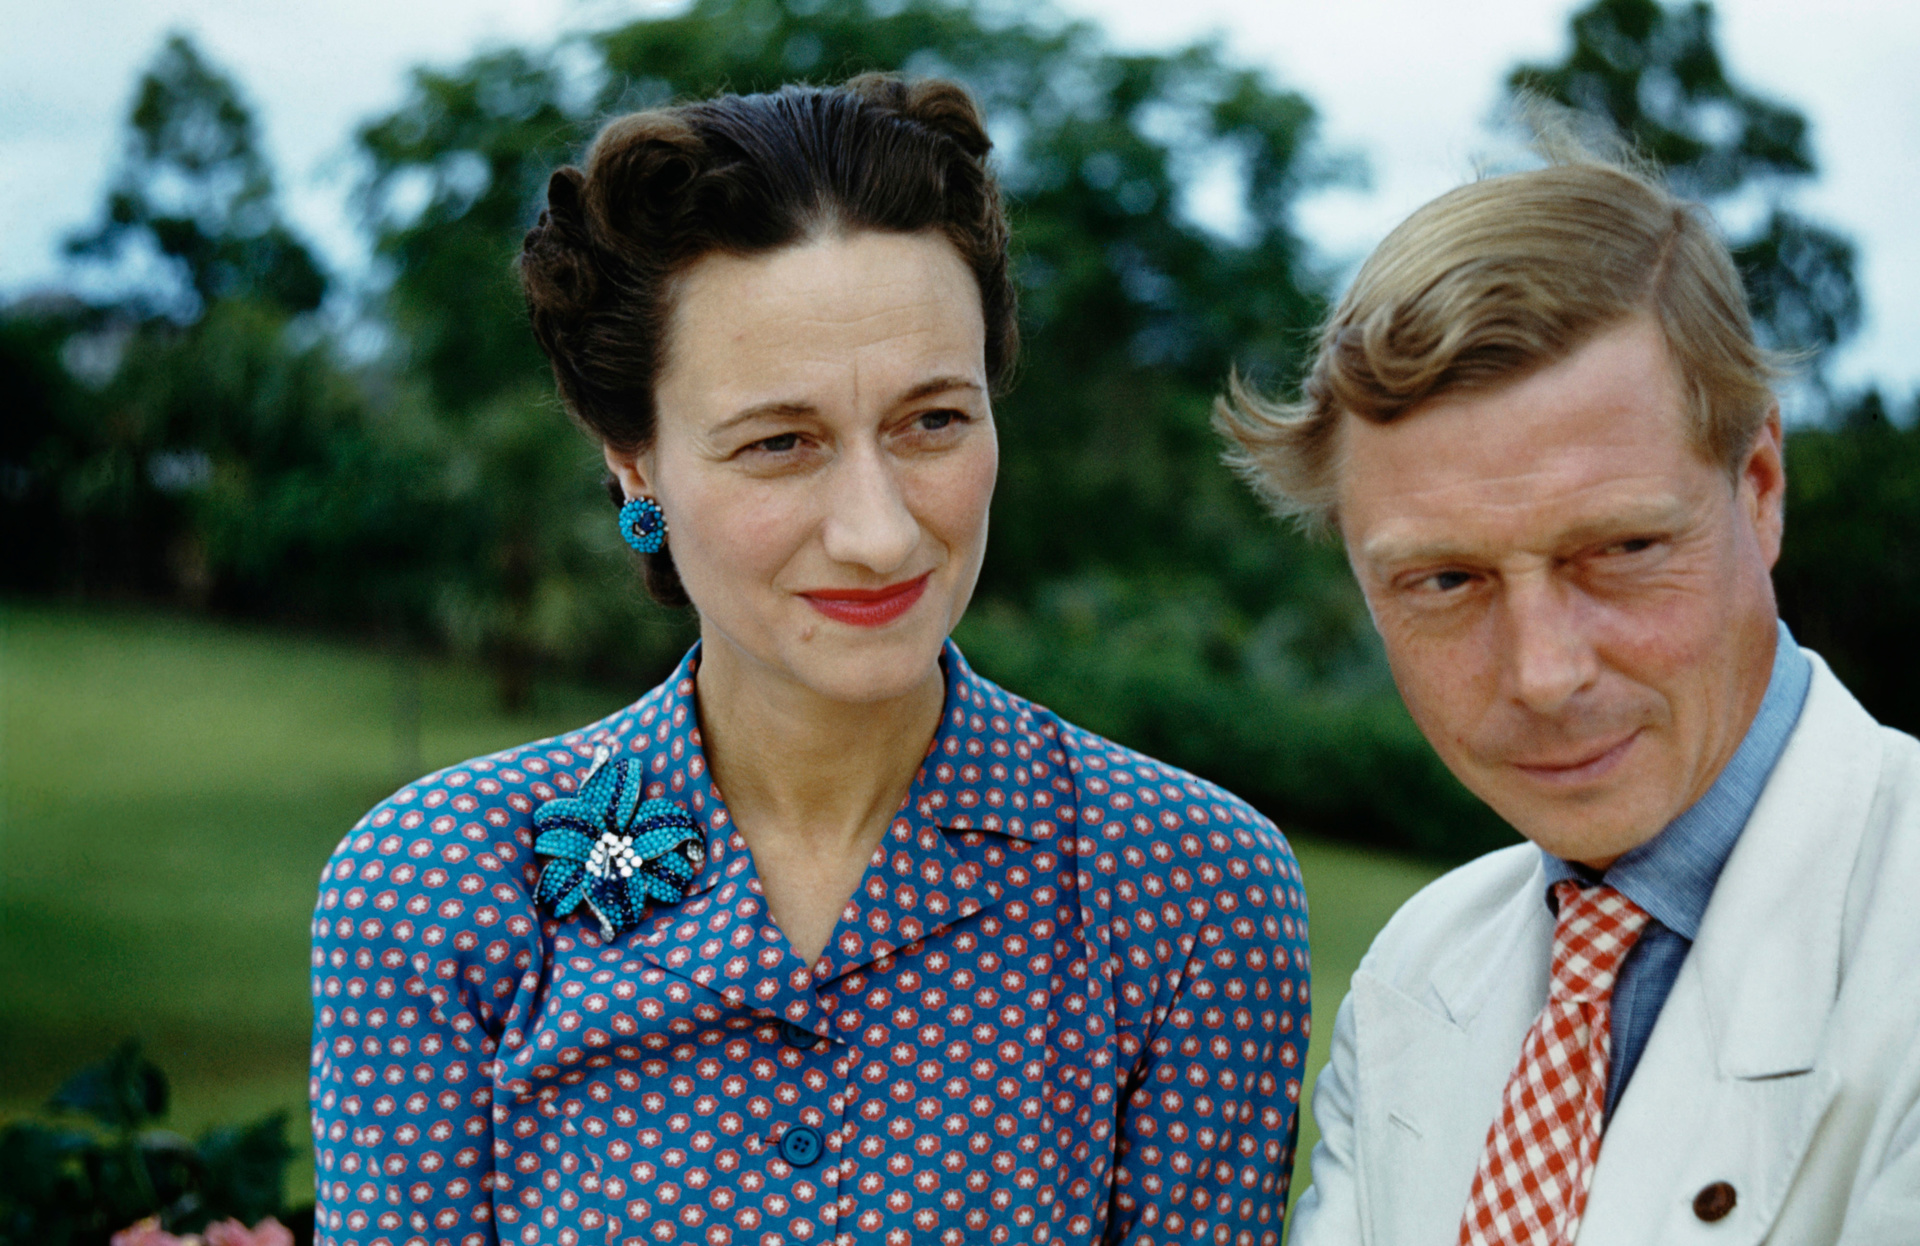 Ein König, der für die Liebe ein Weltreich aufgab: Edward VIII. von England mit seiner Frau Wallis Simpson. Neue Dokumente belegen: Der Ex-Monarch wollte zurück auf den Thron - mithilfe der Nazis.  ©ZDF/michael ochs archives